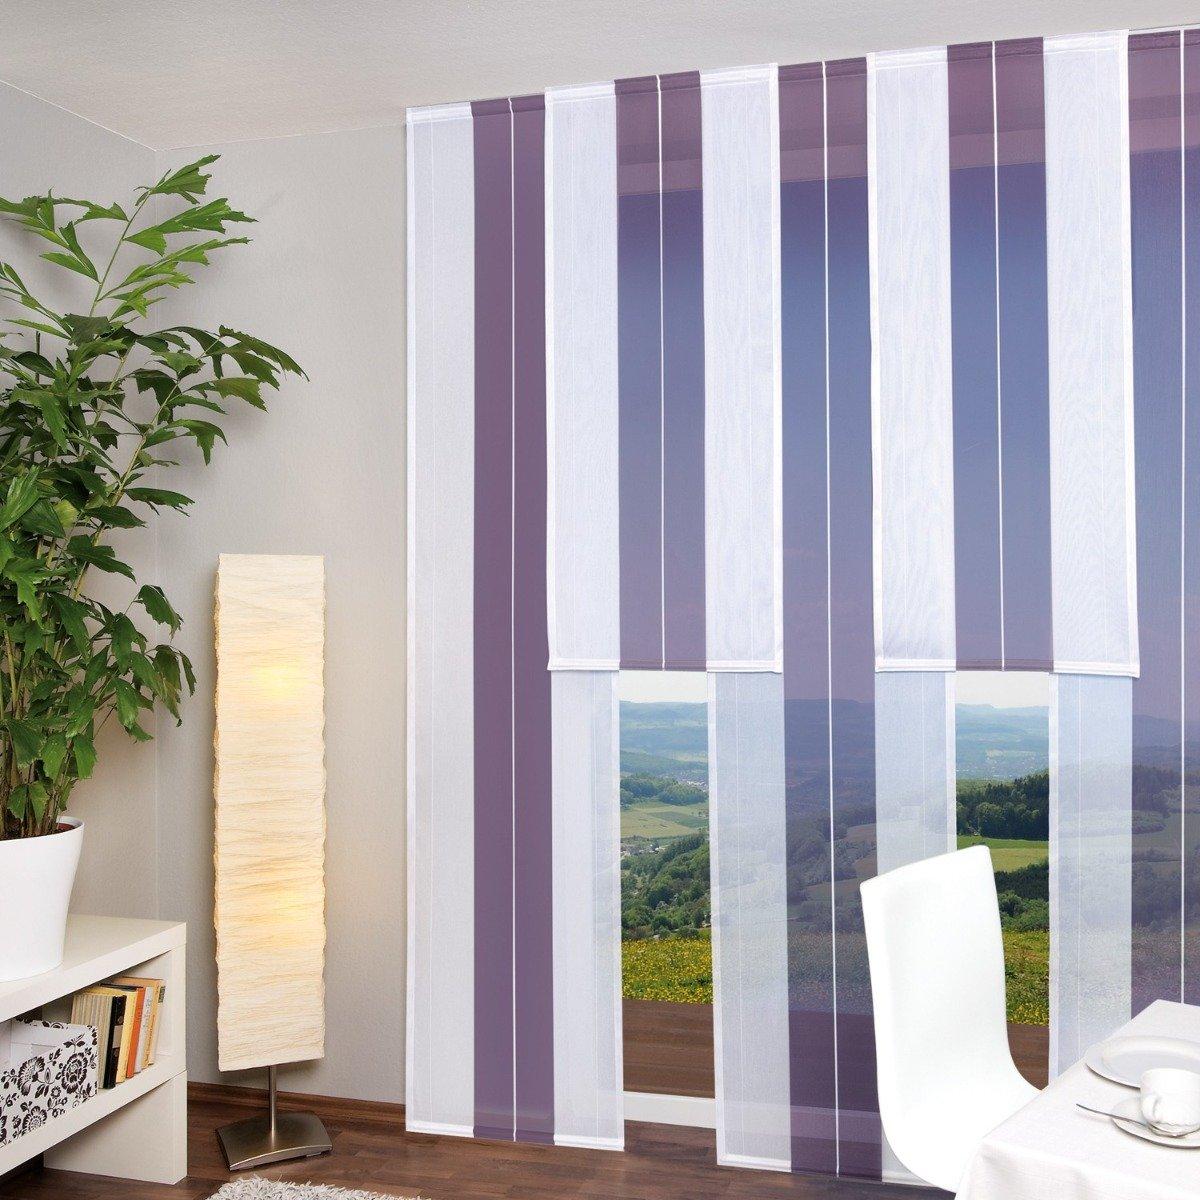 Regal Verdecken Vorhang gardinenvariationen: alte vorhänge anders nutzen